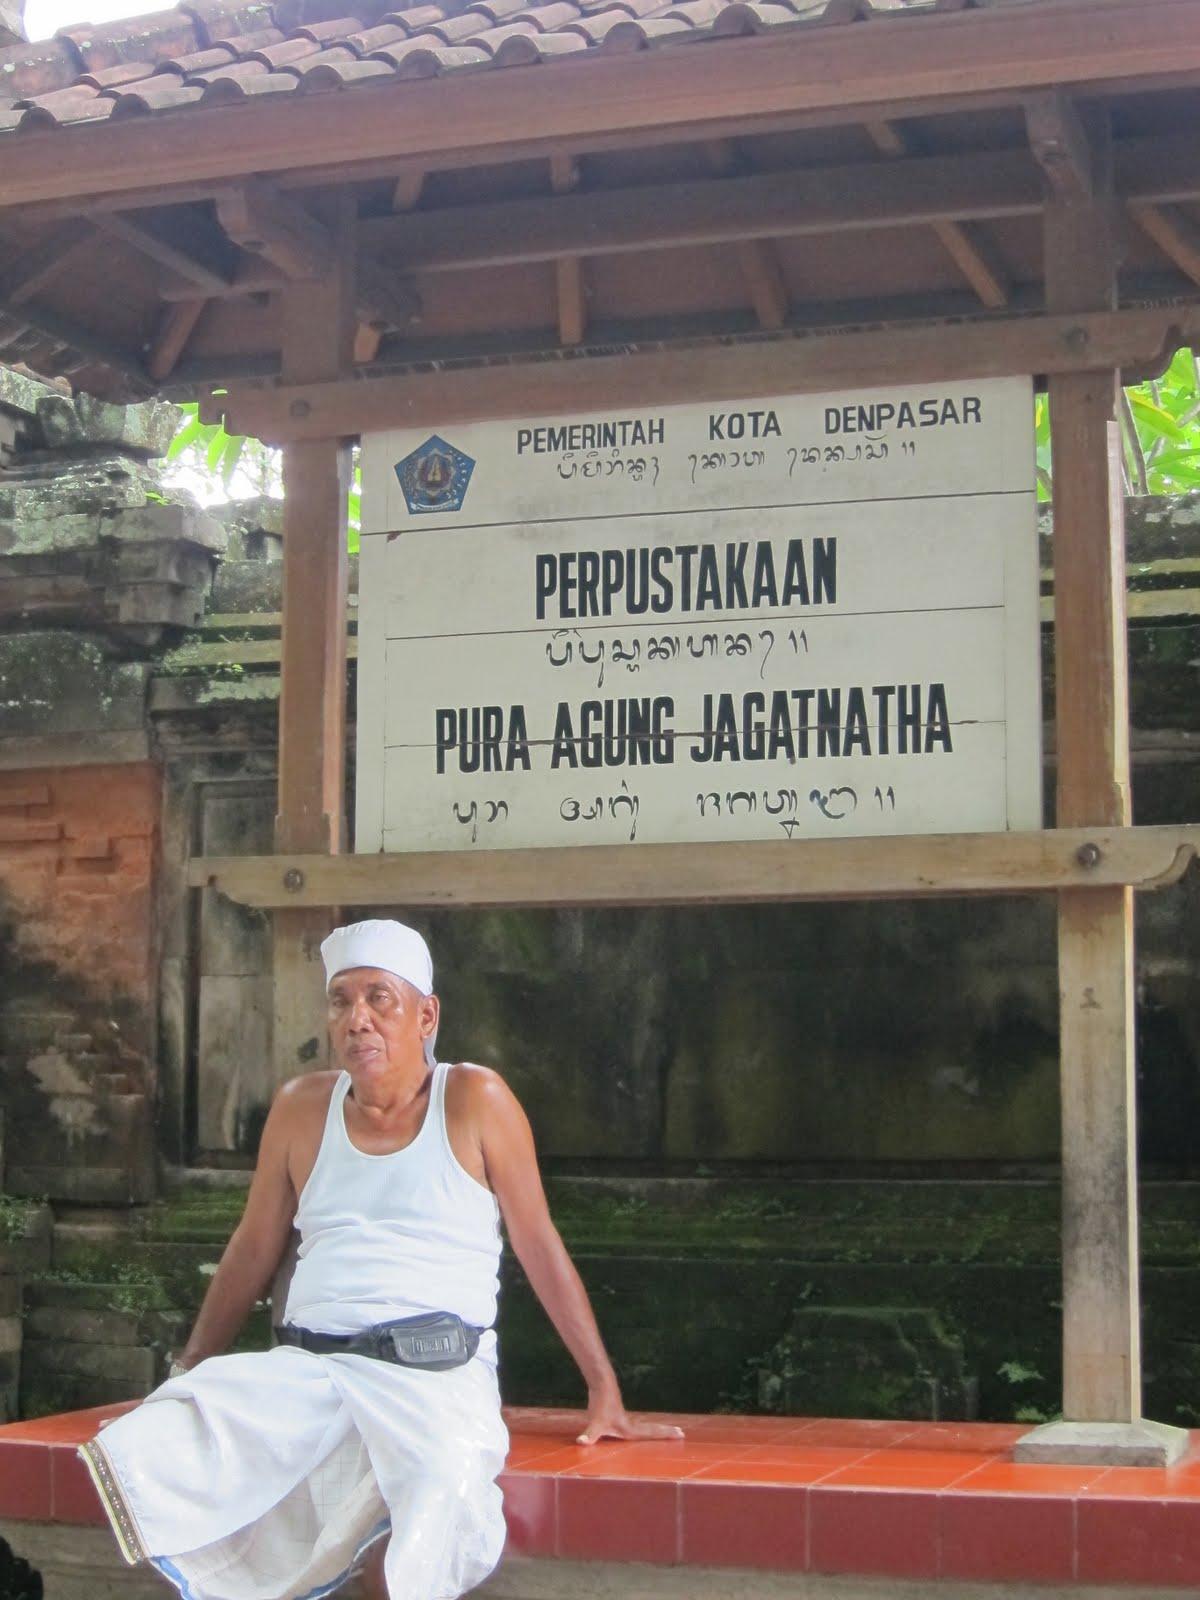 Travels Bali Diving Visits Part 2 Pura Agung Jagatnatha Important